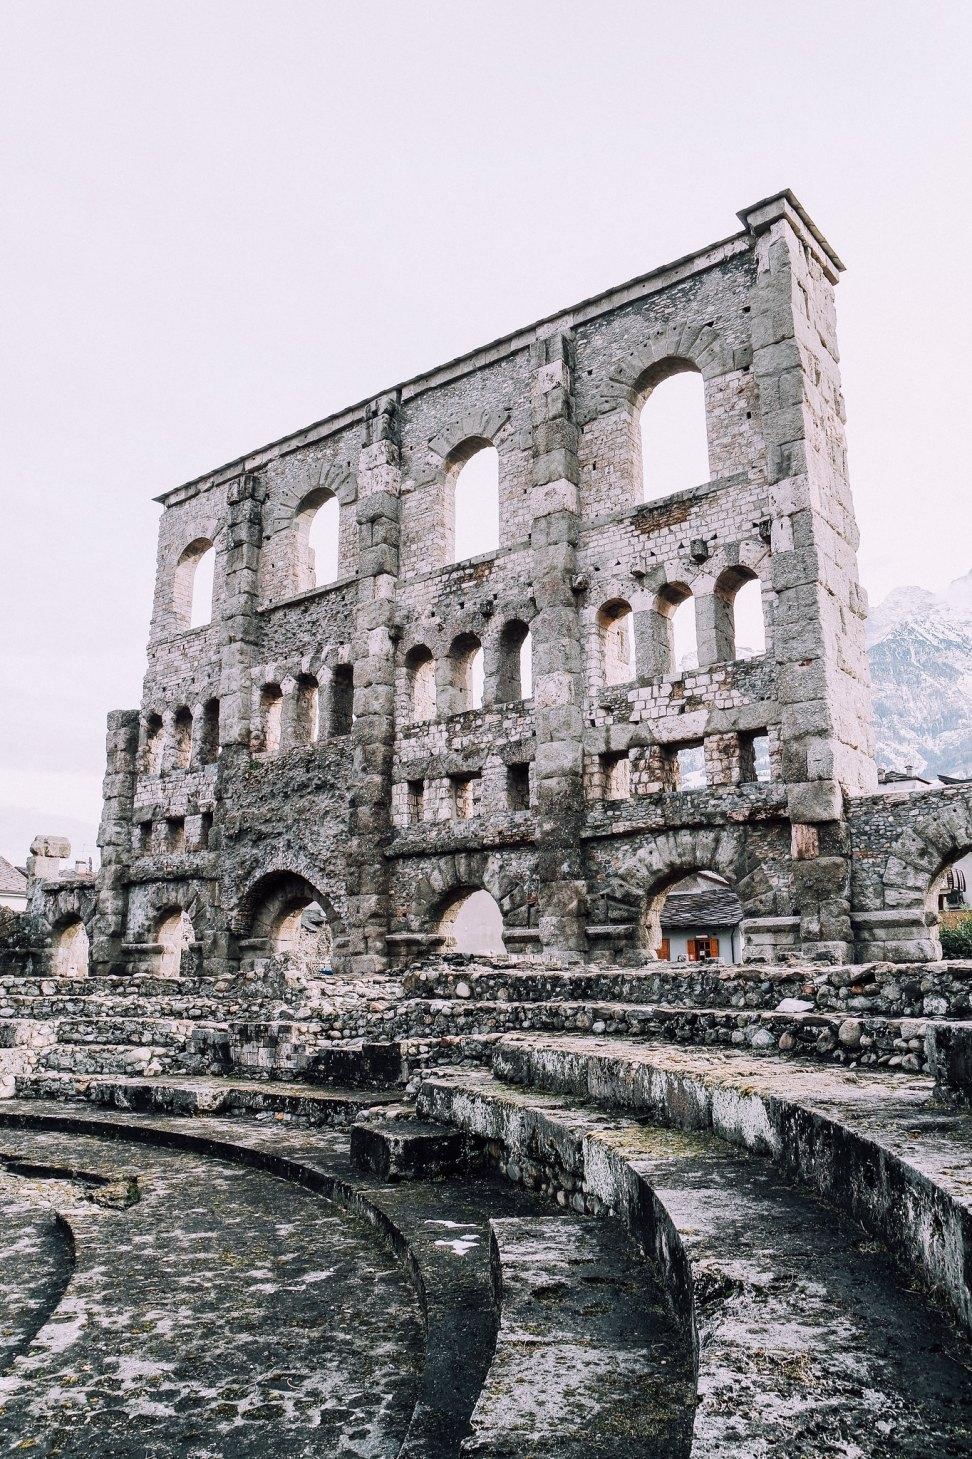 Teatro romano (Aosta)